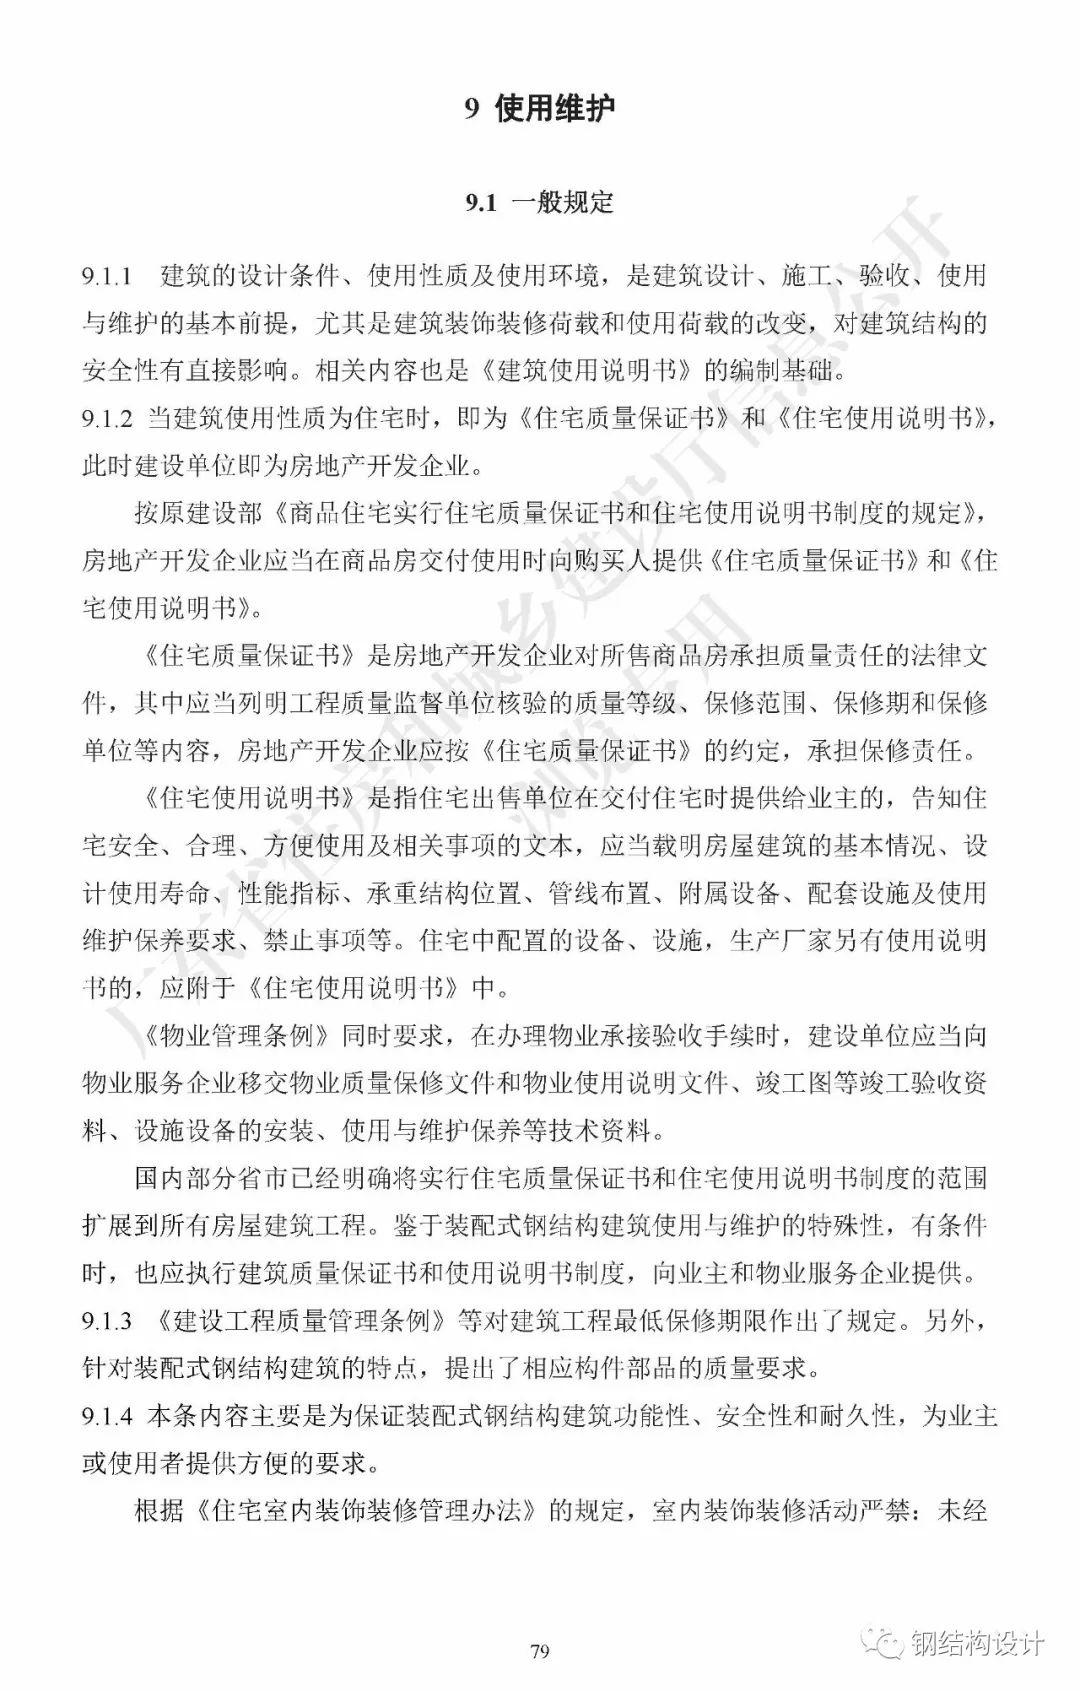 广东省《装配式钢结构建筑技术规程》发布_89